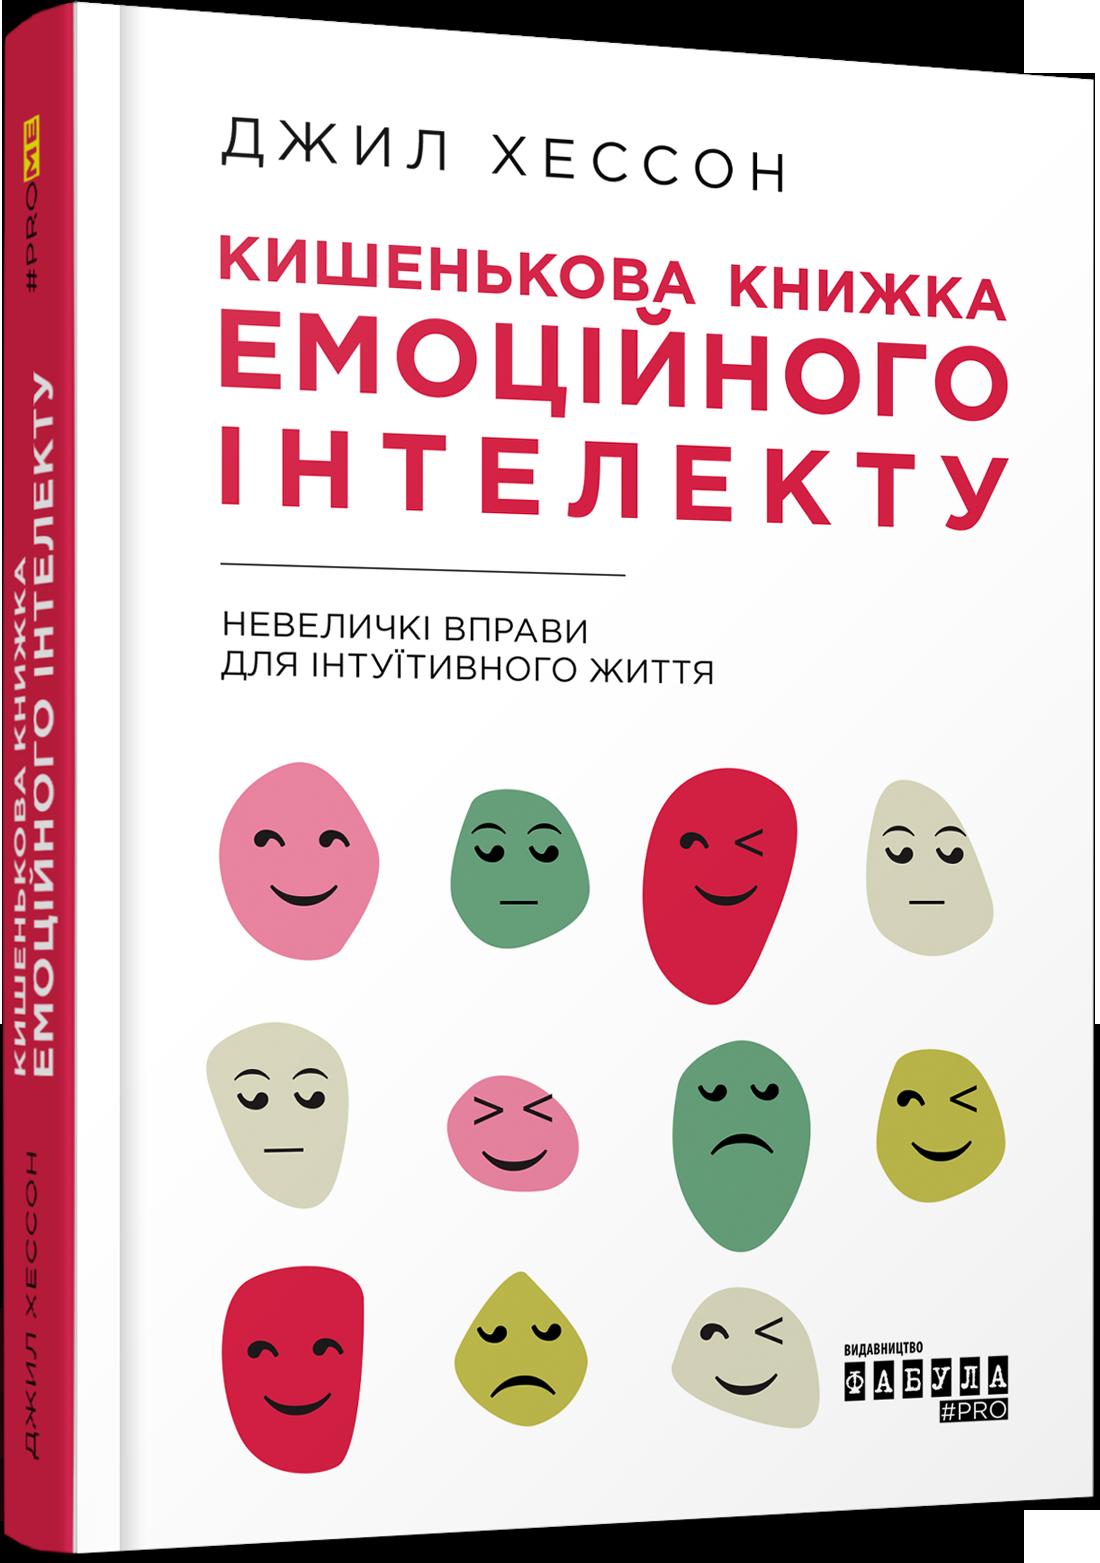 Джил Хессон Кишенькова книга емоційного інтелекту